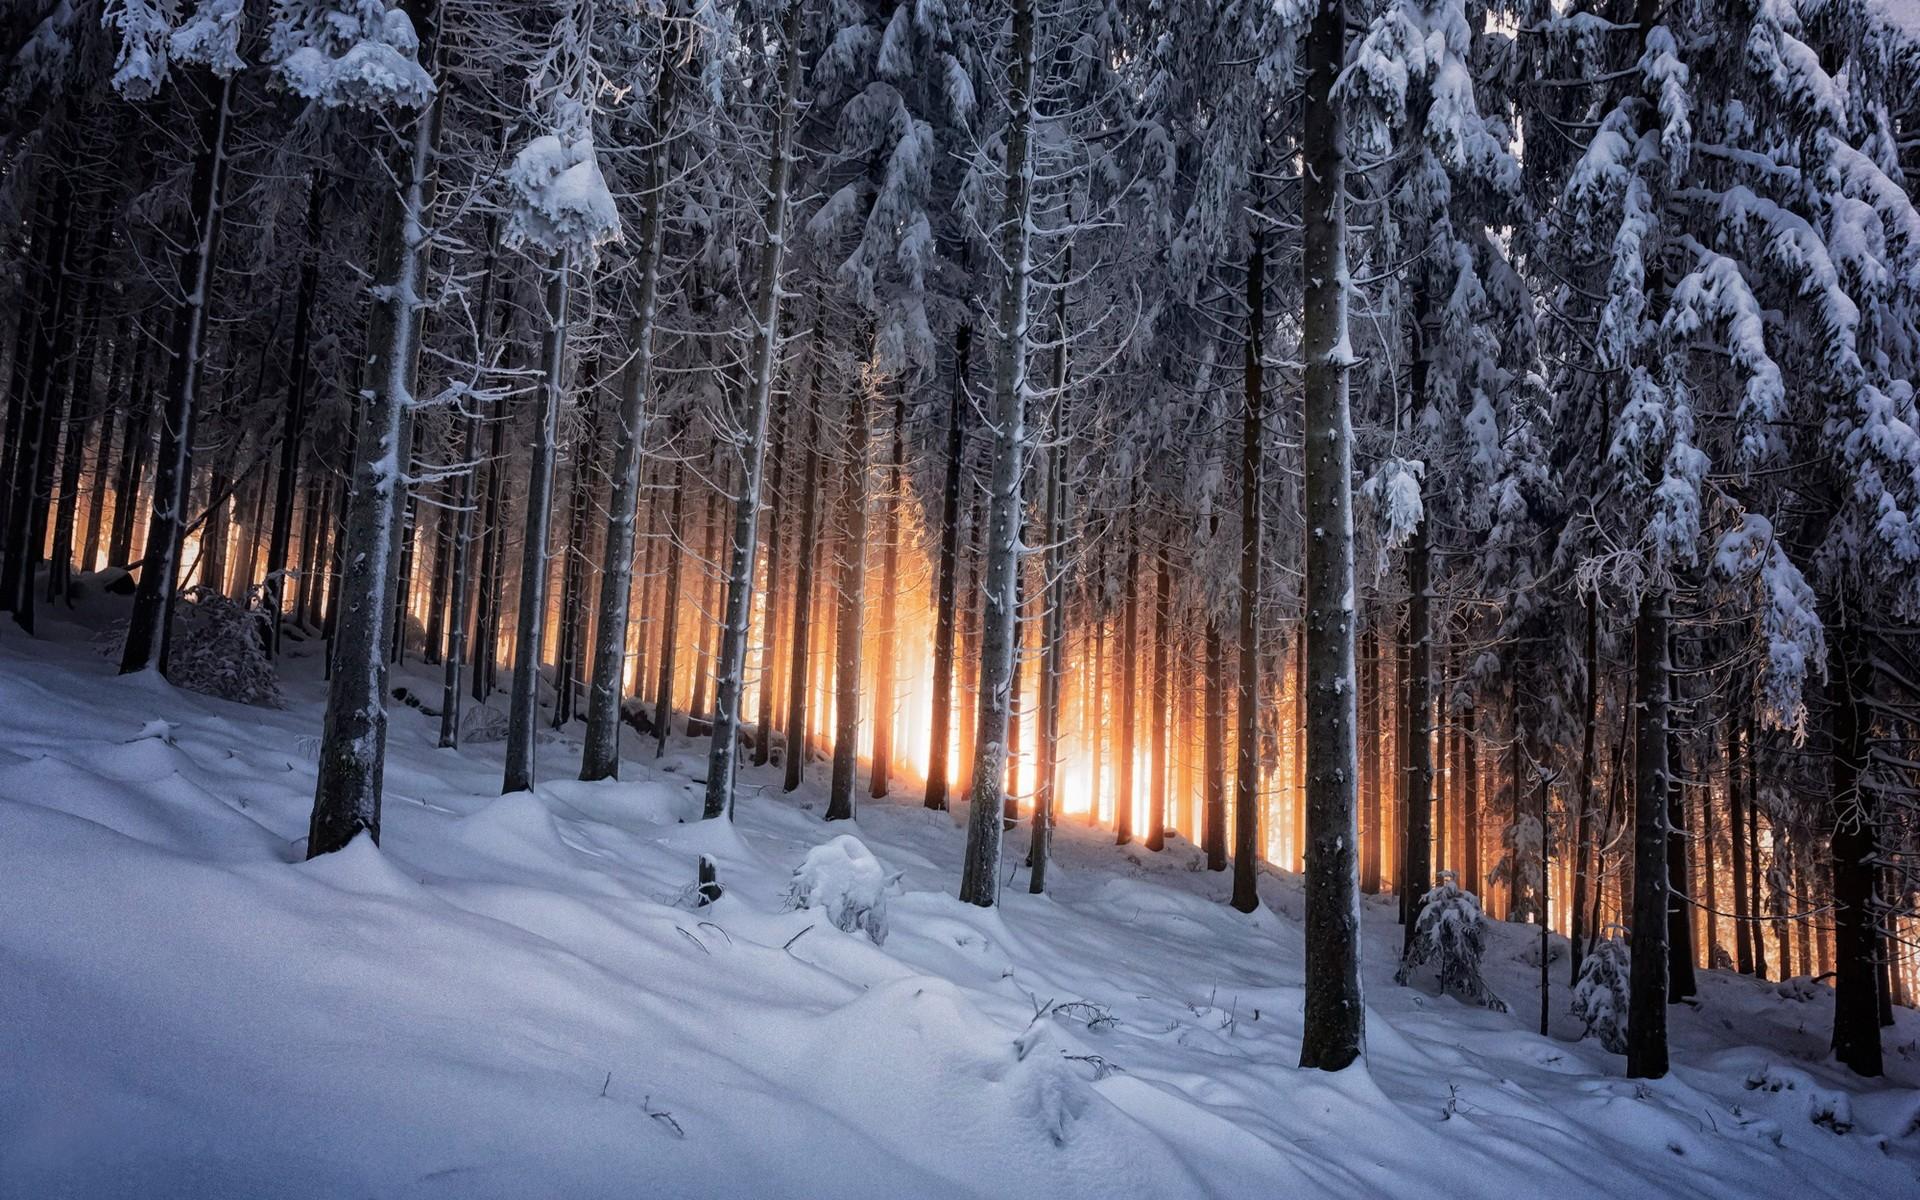 картинка природа зимний лес фоне признанных